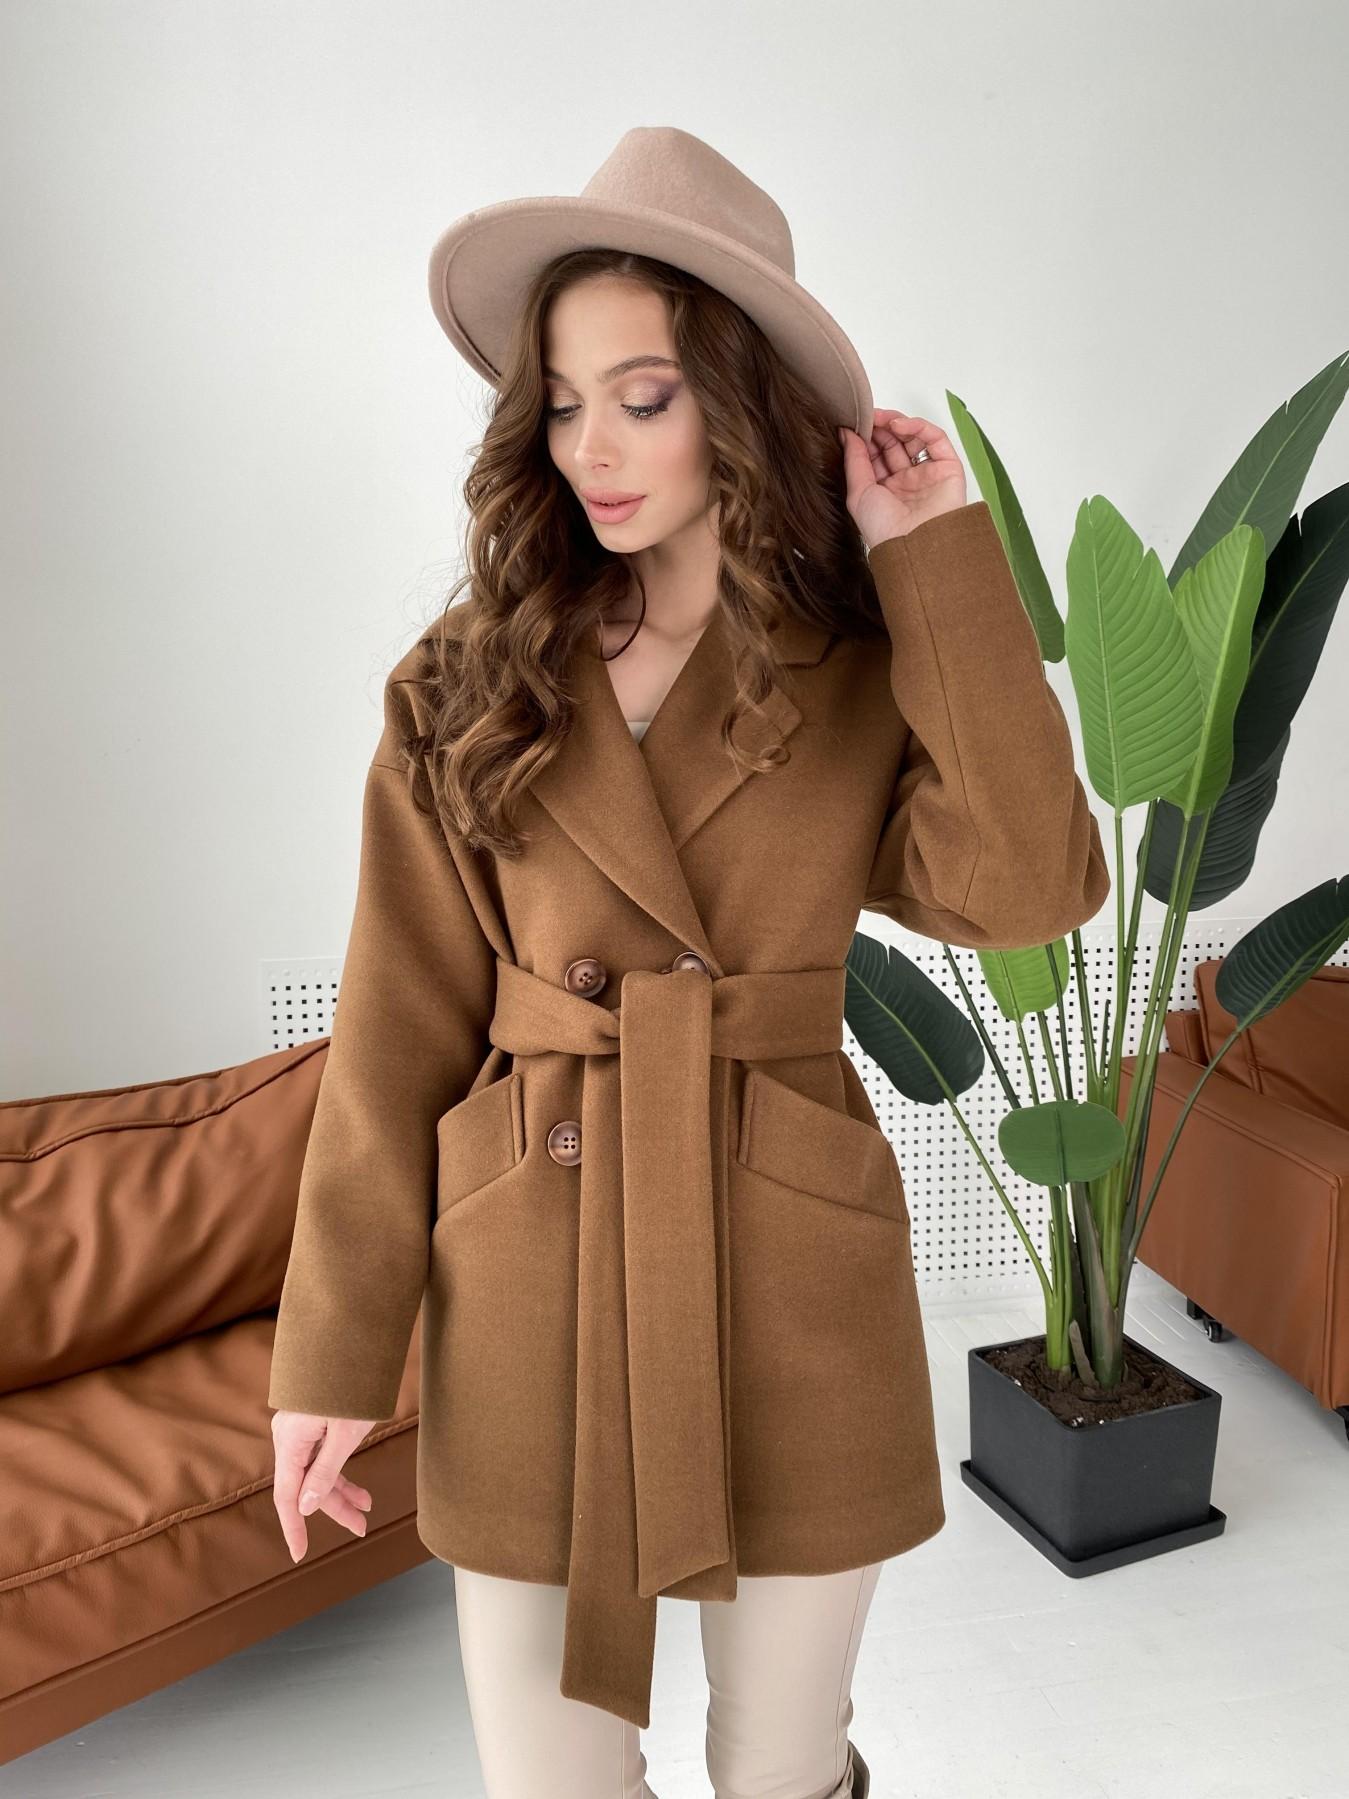 Бонд пальто кашемировое на трикотаже 10642 АРТ. 47008 Цвет: Шоколад - фото 7, интернет магазин tm-modus.ru